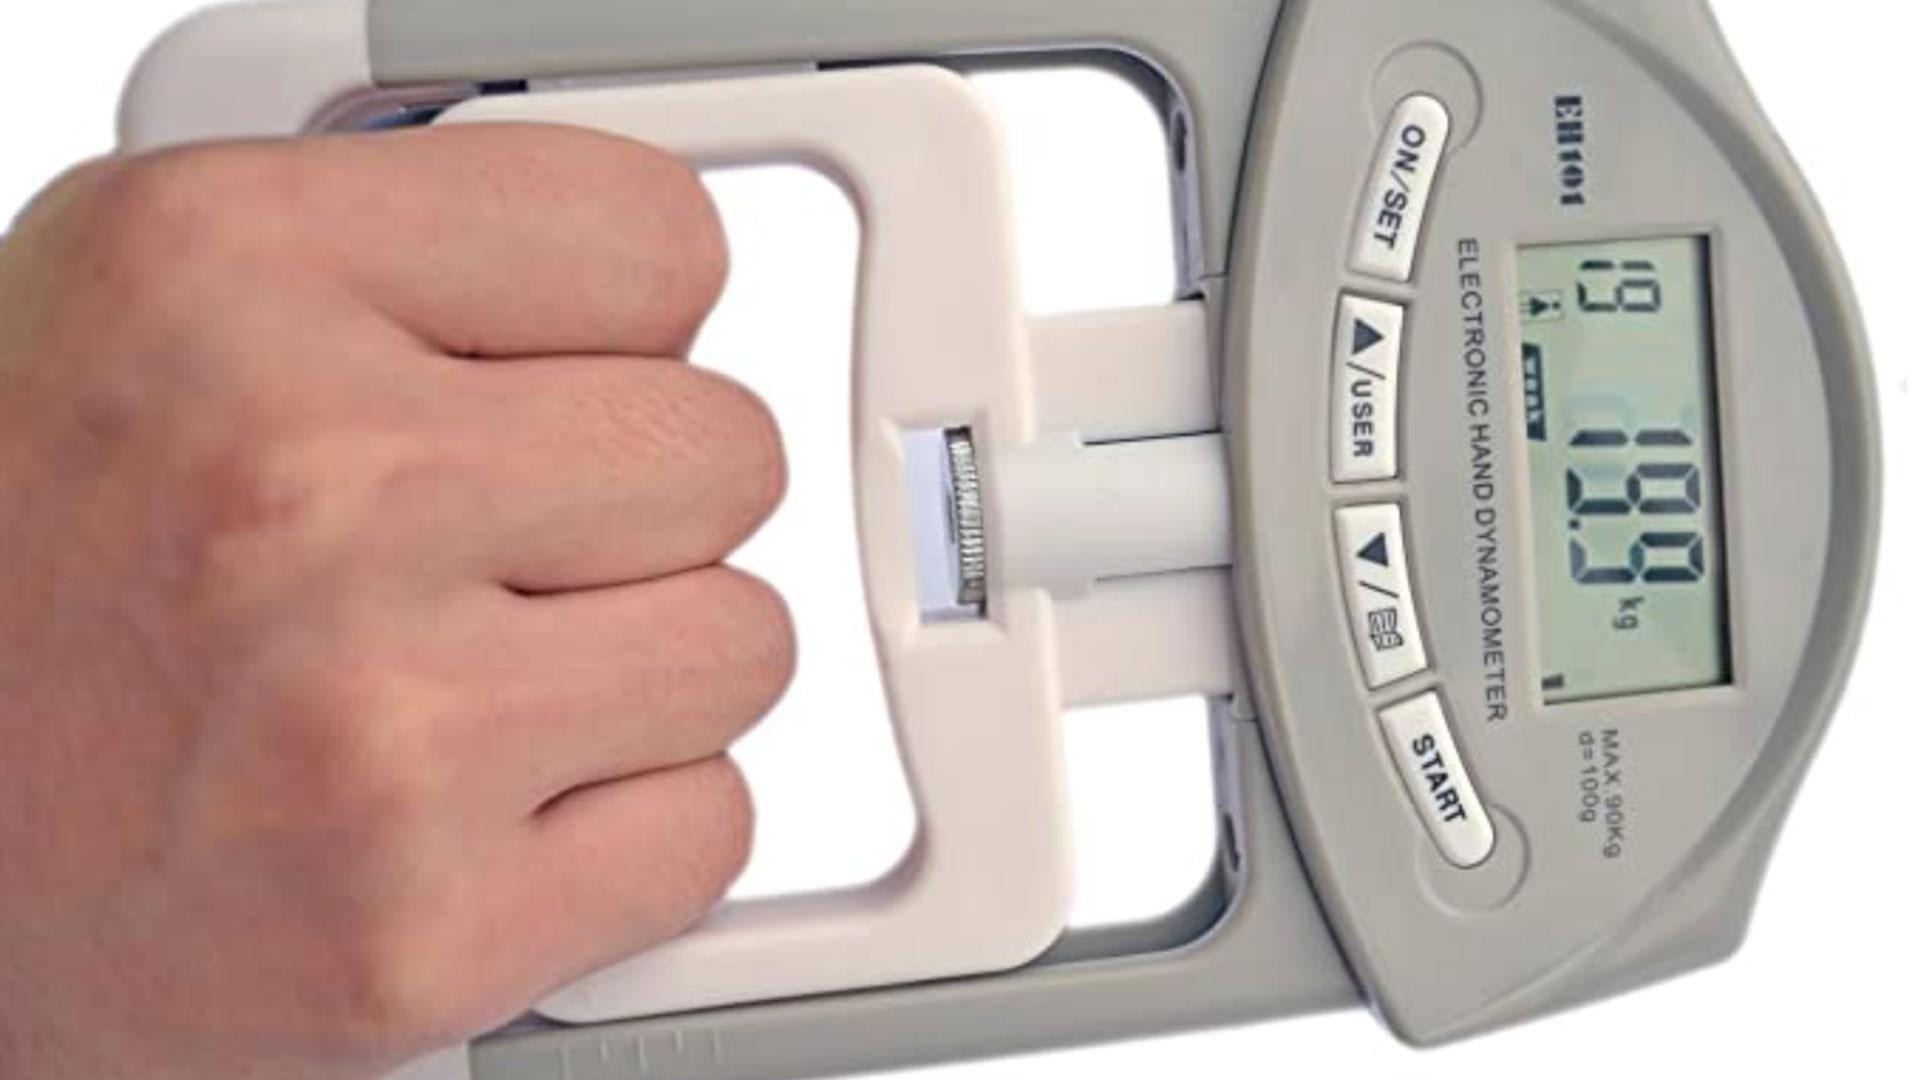 Diabete tipo 2, il test della forza della mano può identificare i pazienti a rischio